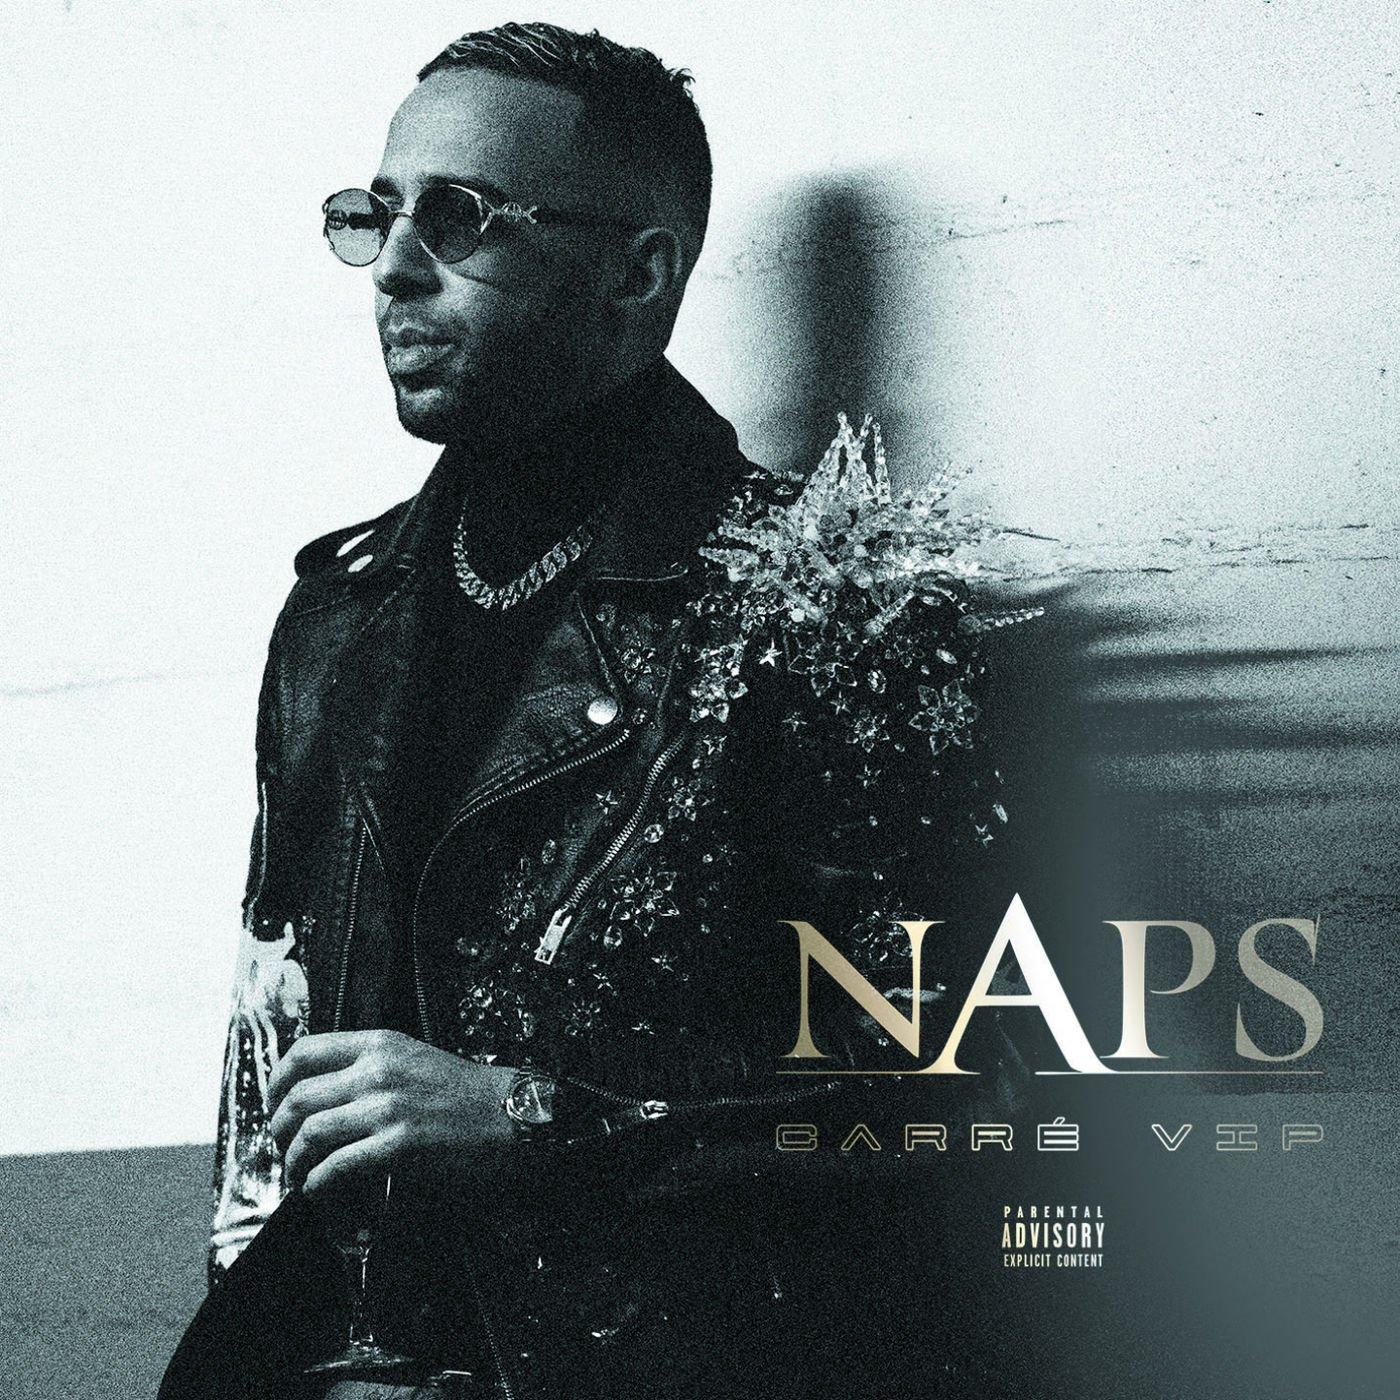 Naps sortie album Carré VIP